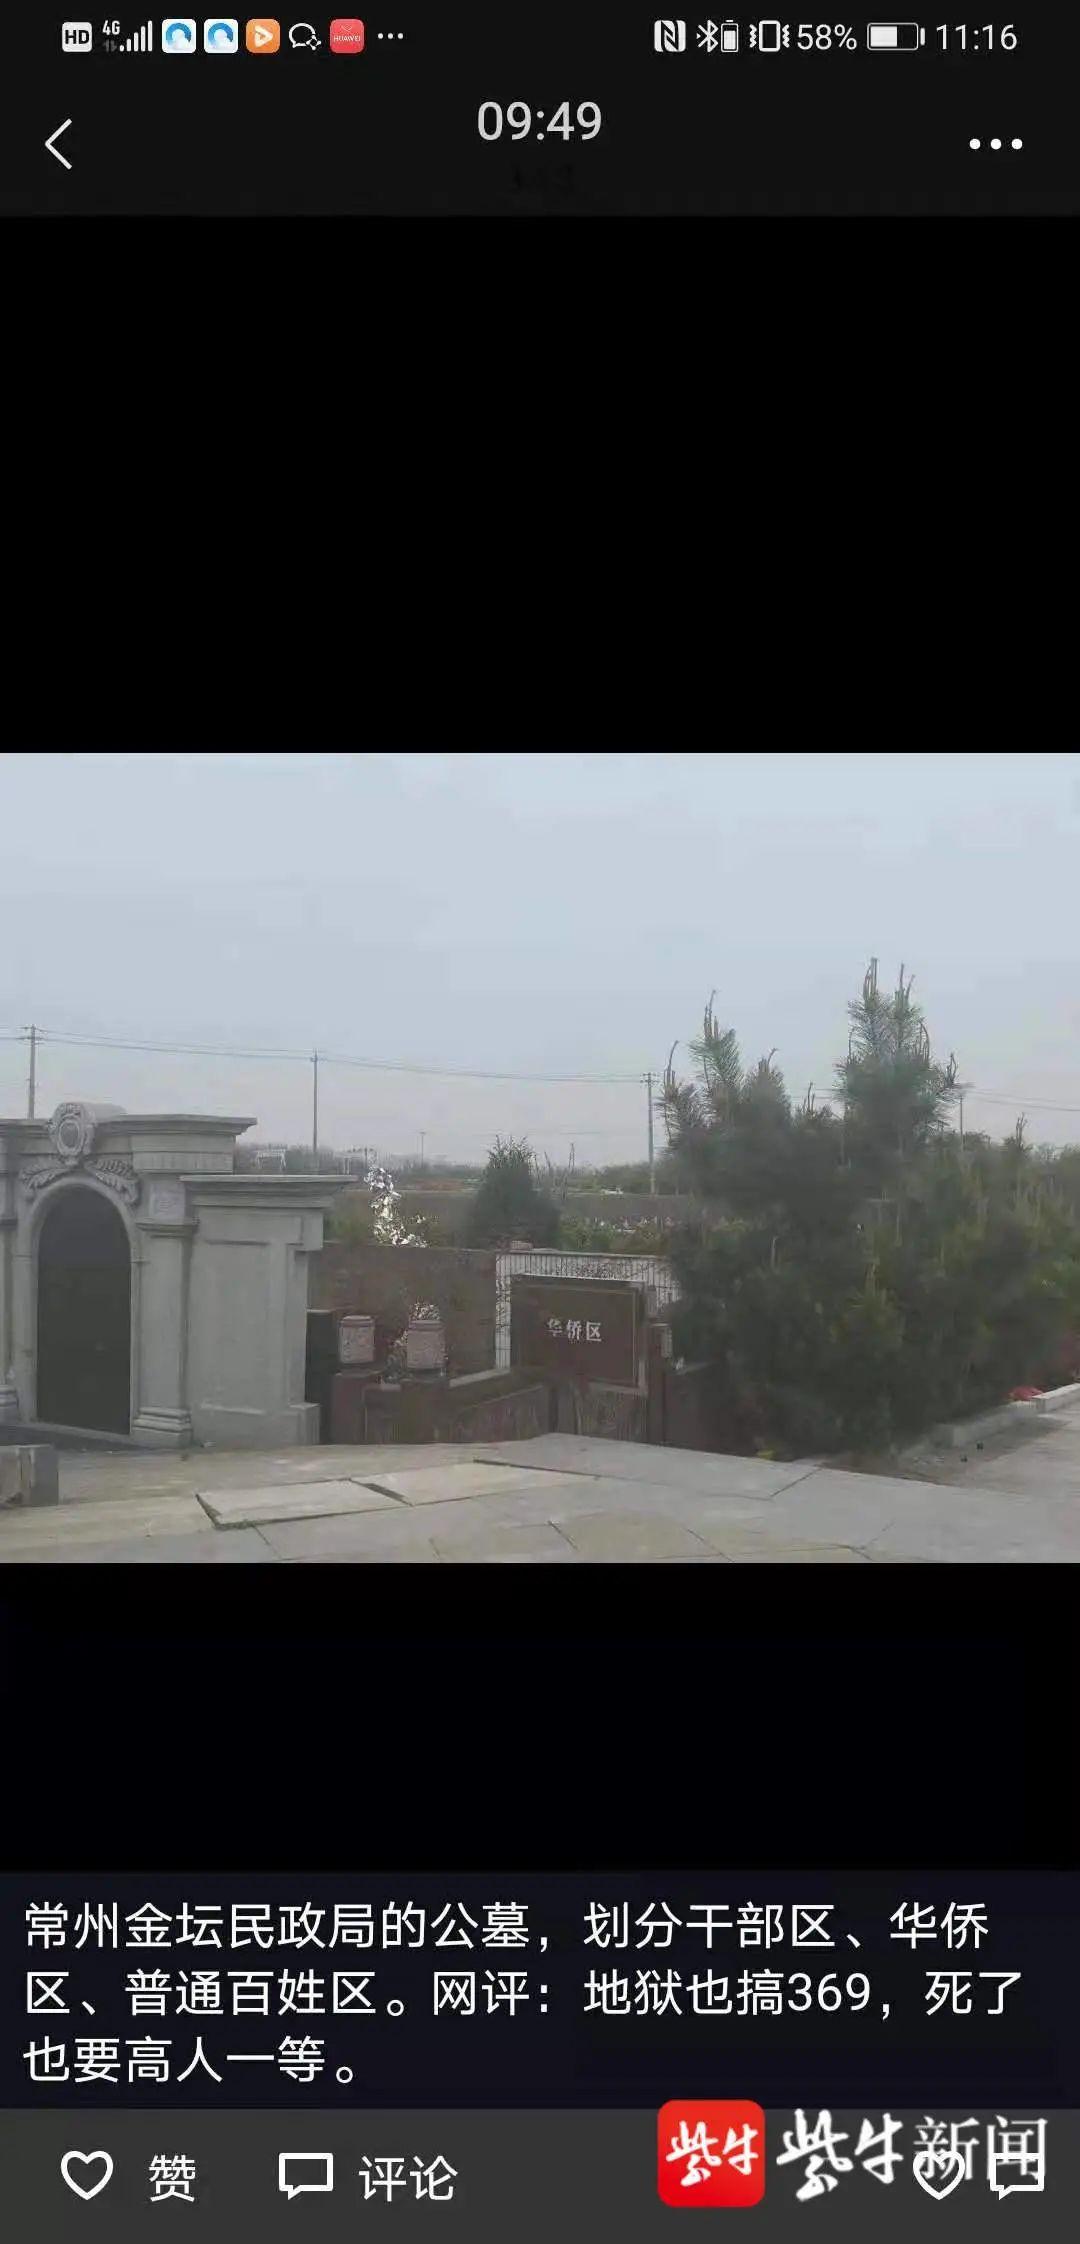 江苏常州一公墓现干部区标牌